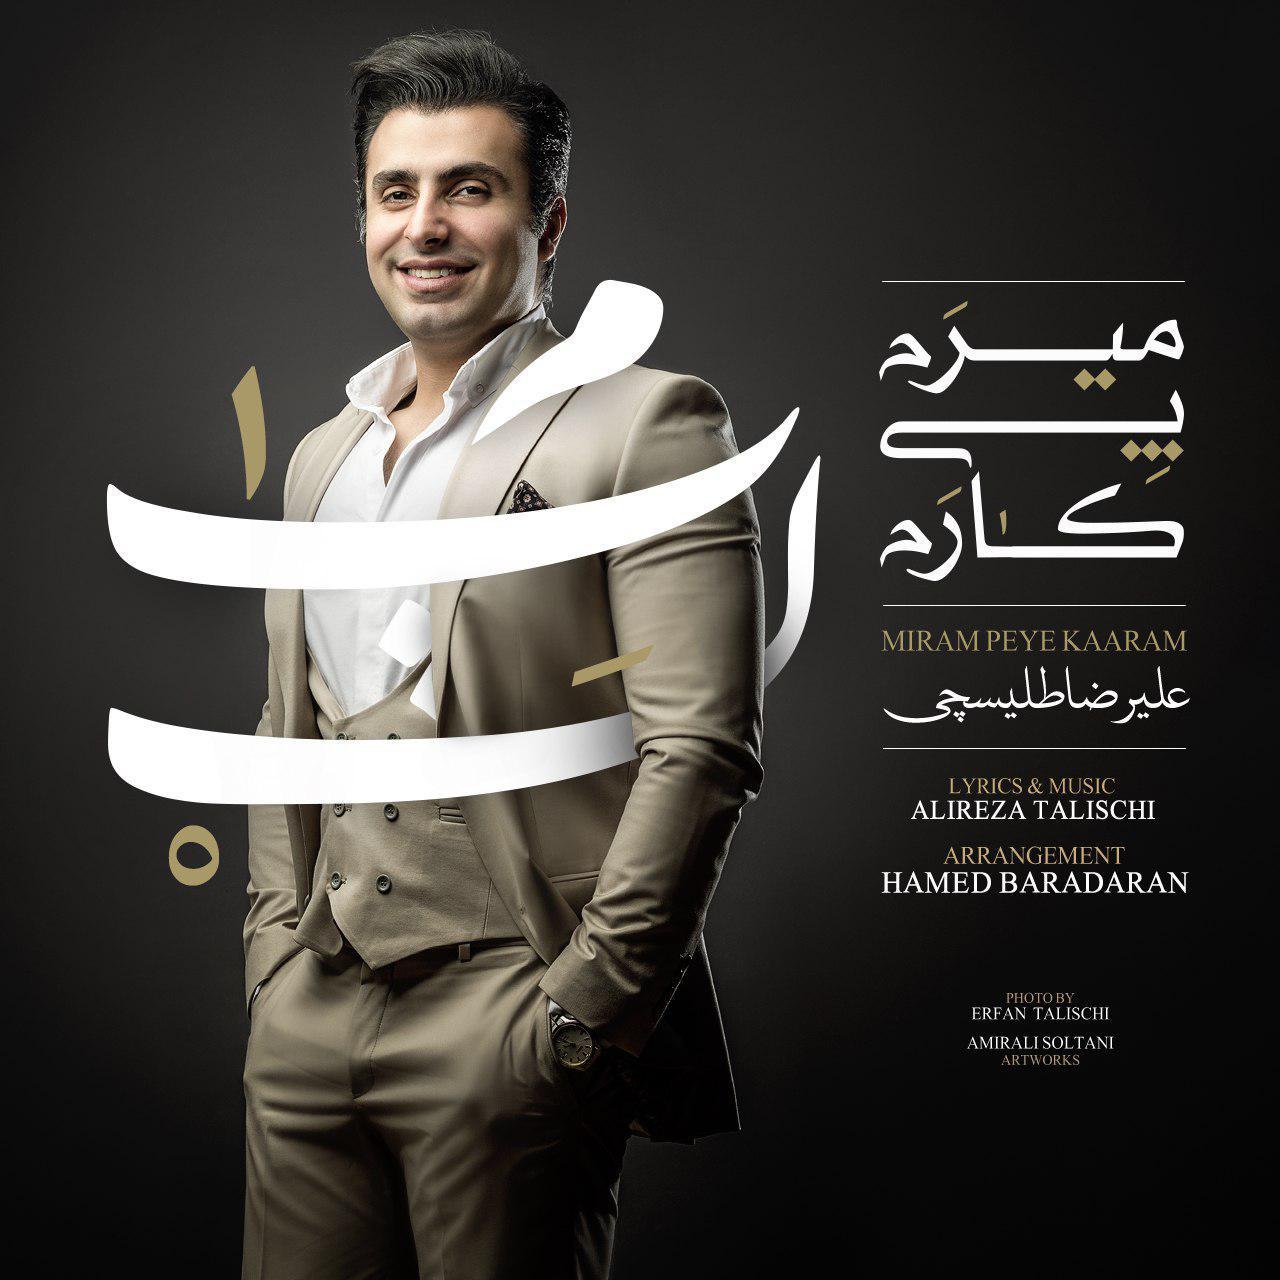 Alireza Talischi - Miram Peye Kaaram